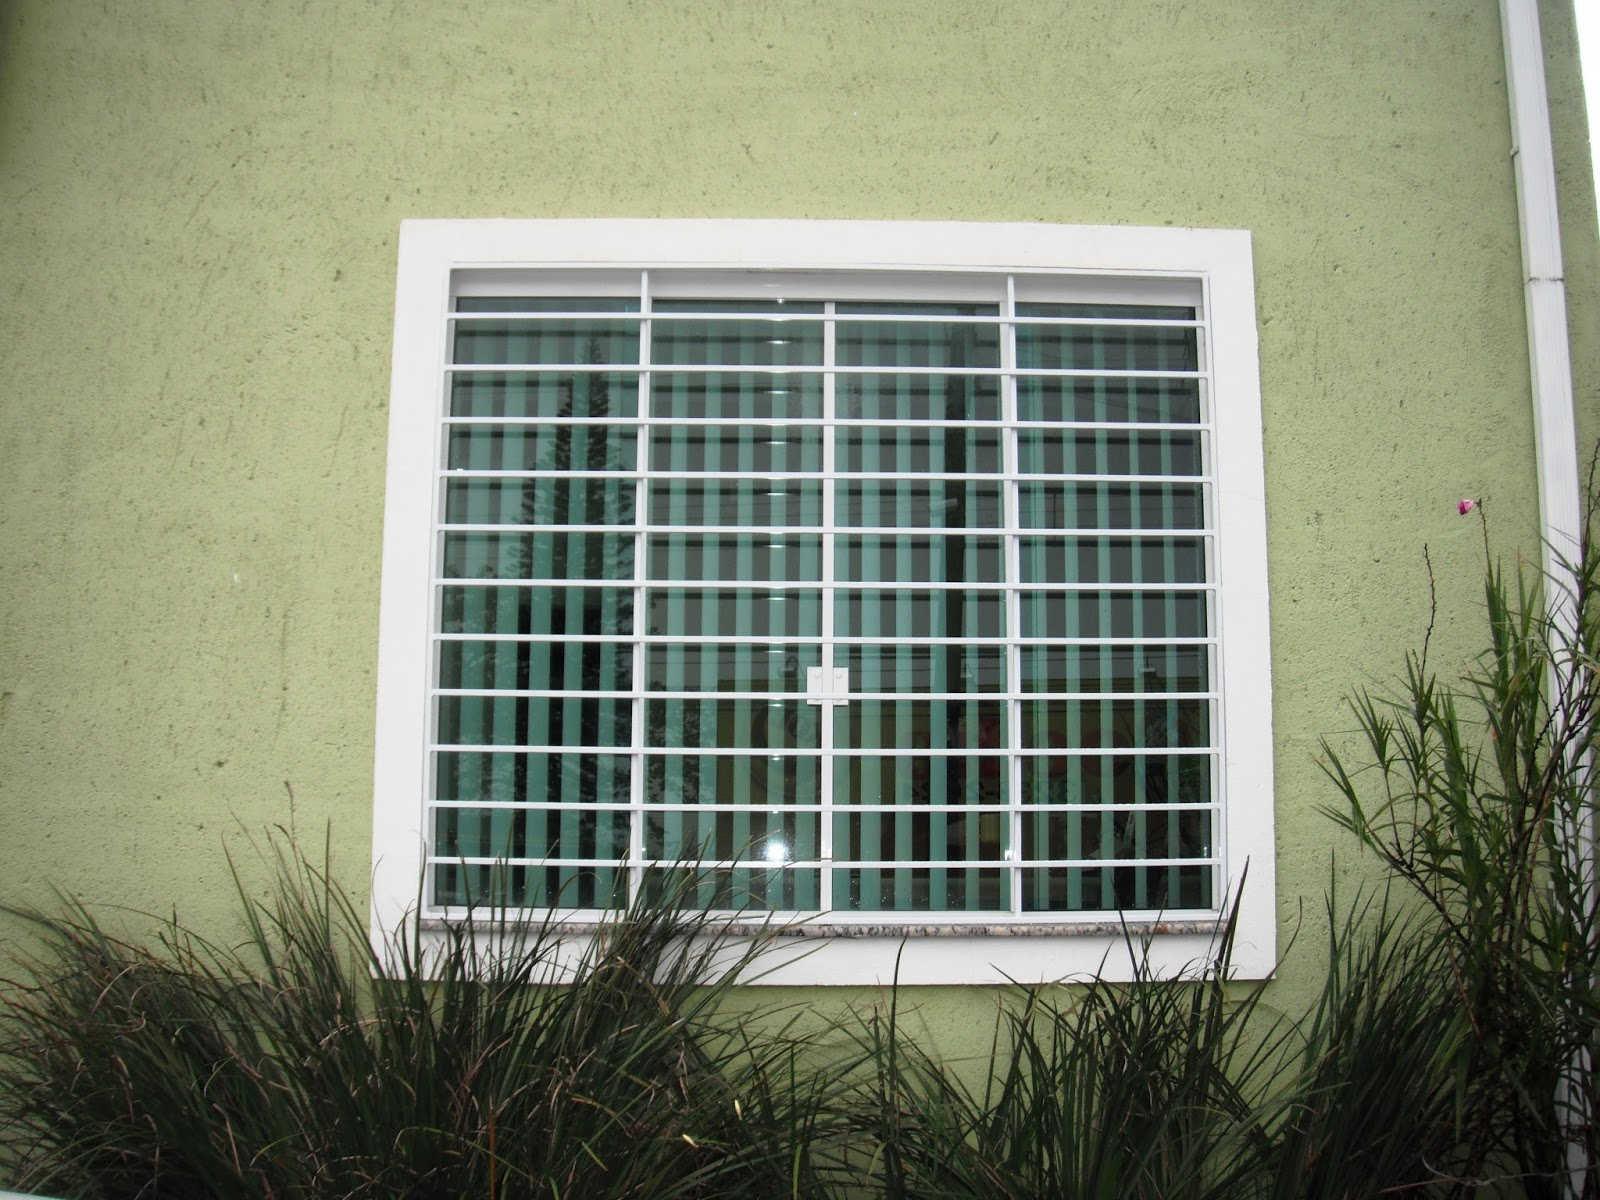 #787D4E Grade de Proteção para janela 142 Janelas De Vidro Grade